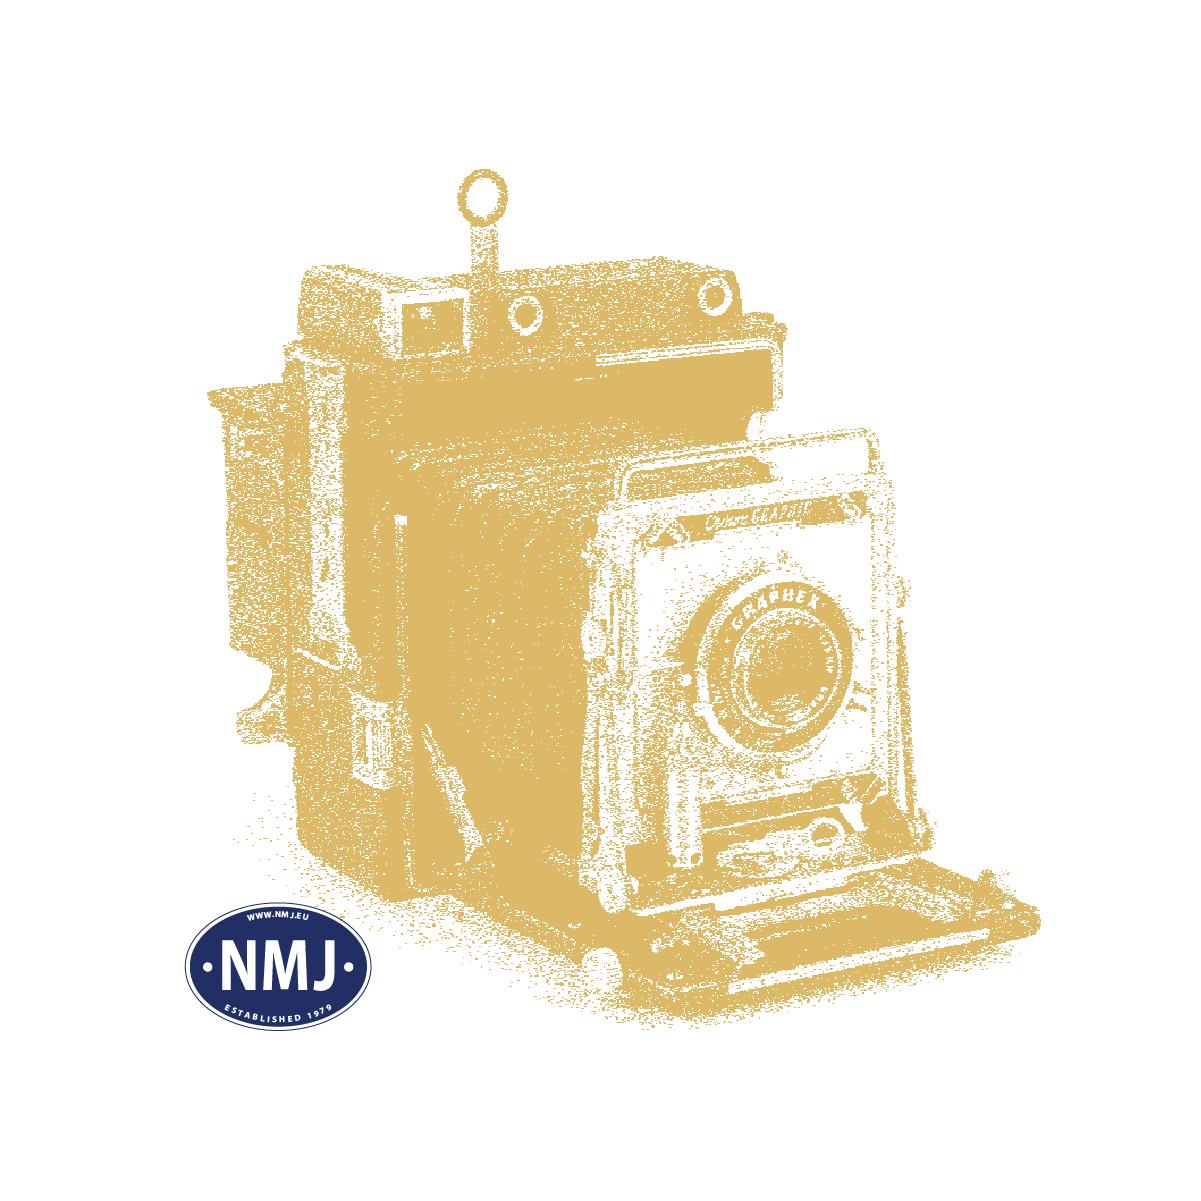 ESU58419 - ESU Loksound Sound Decoder für NMJ Topline CFL 1600 (Nohab/AFB)